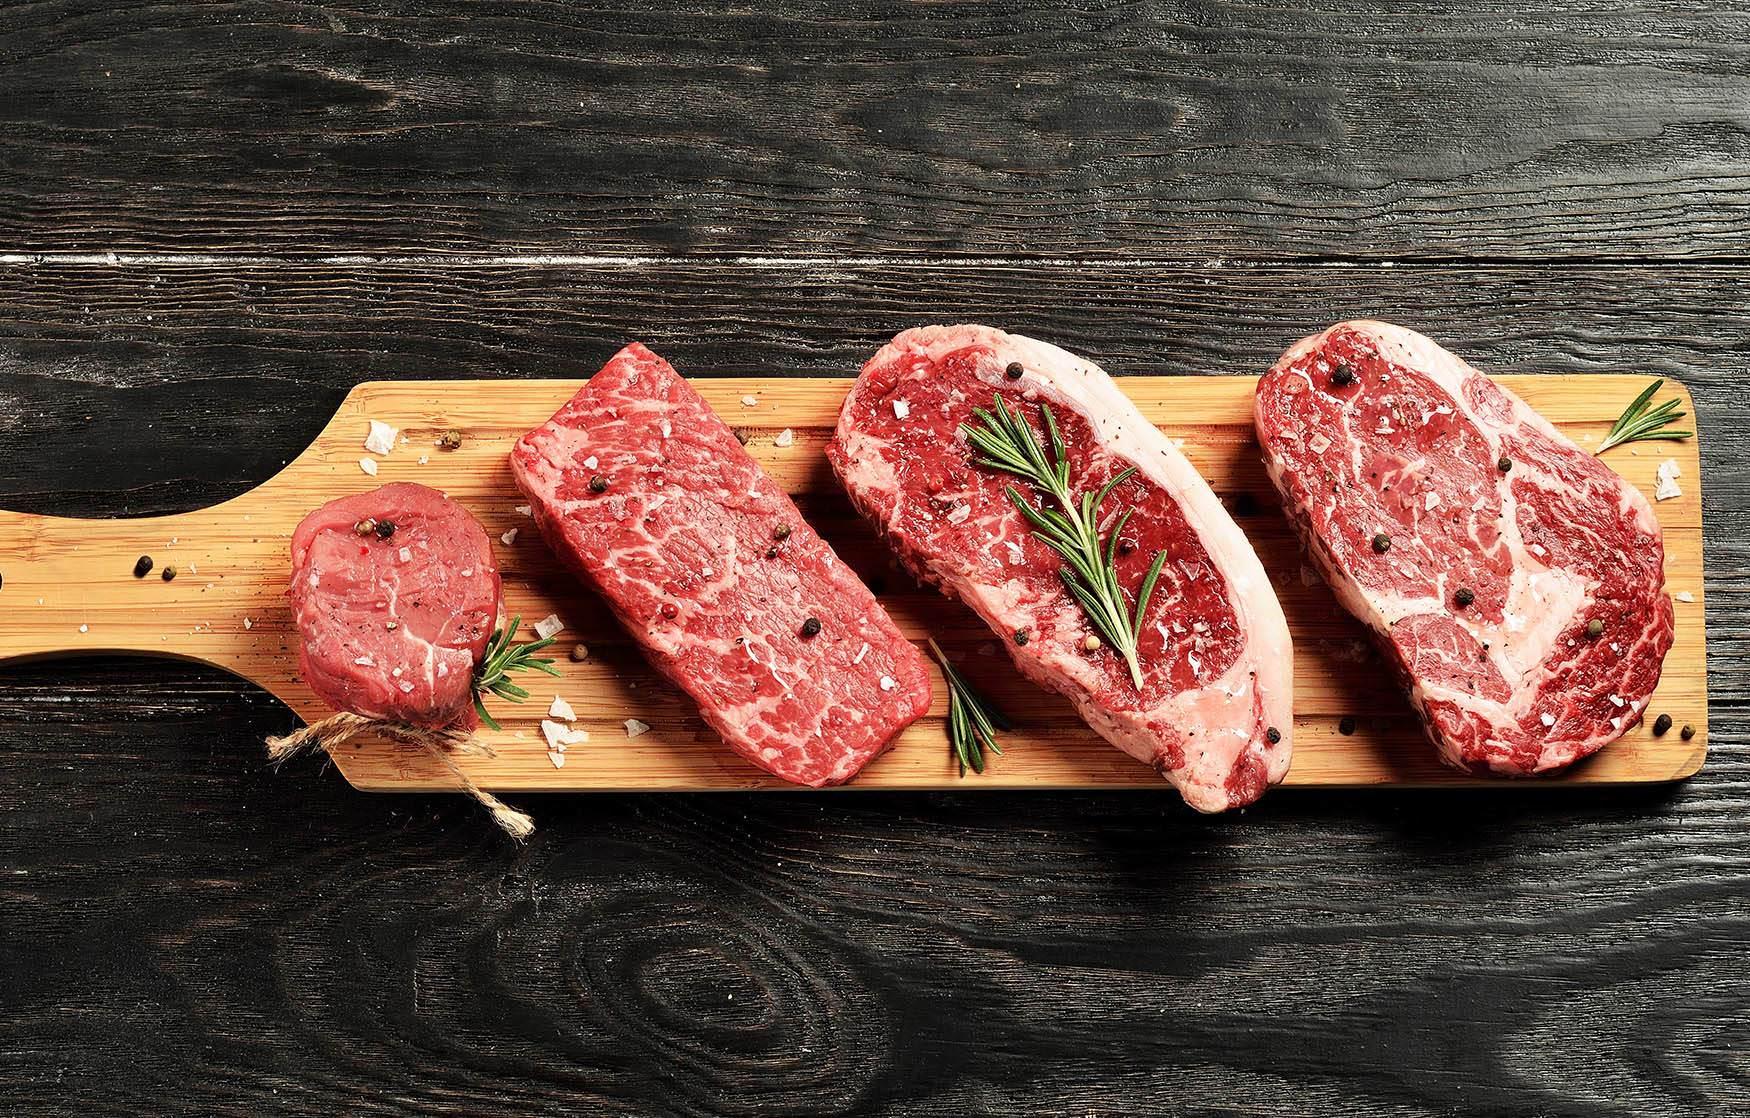 Se você parar de comer carne vermelha, poderá colher esses benefícios